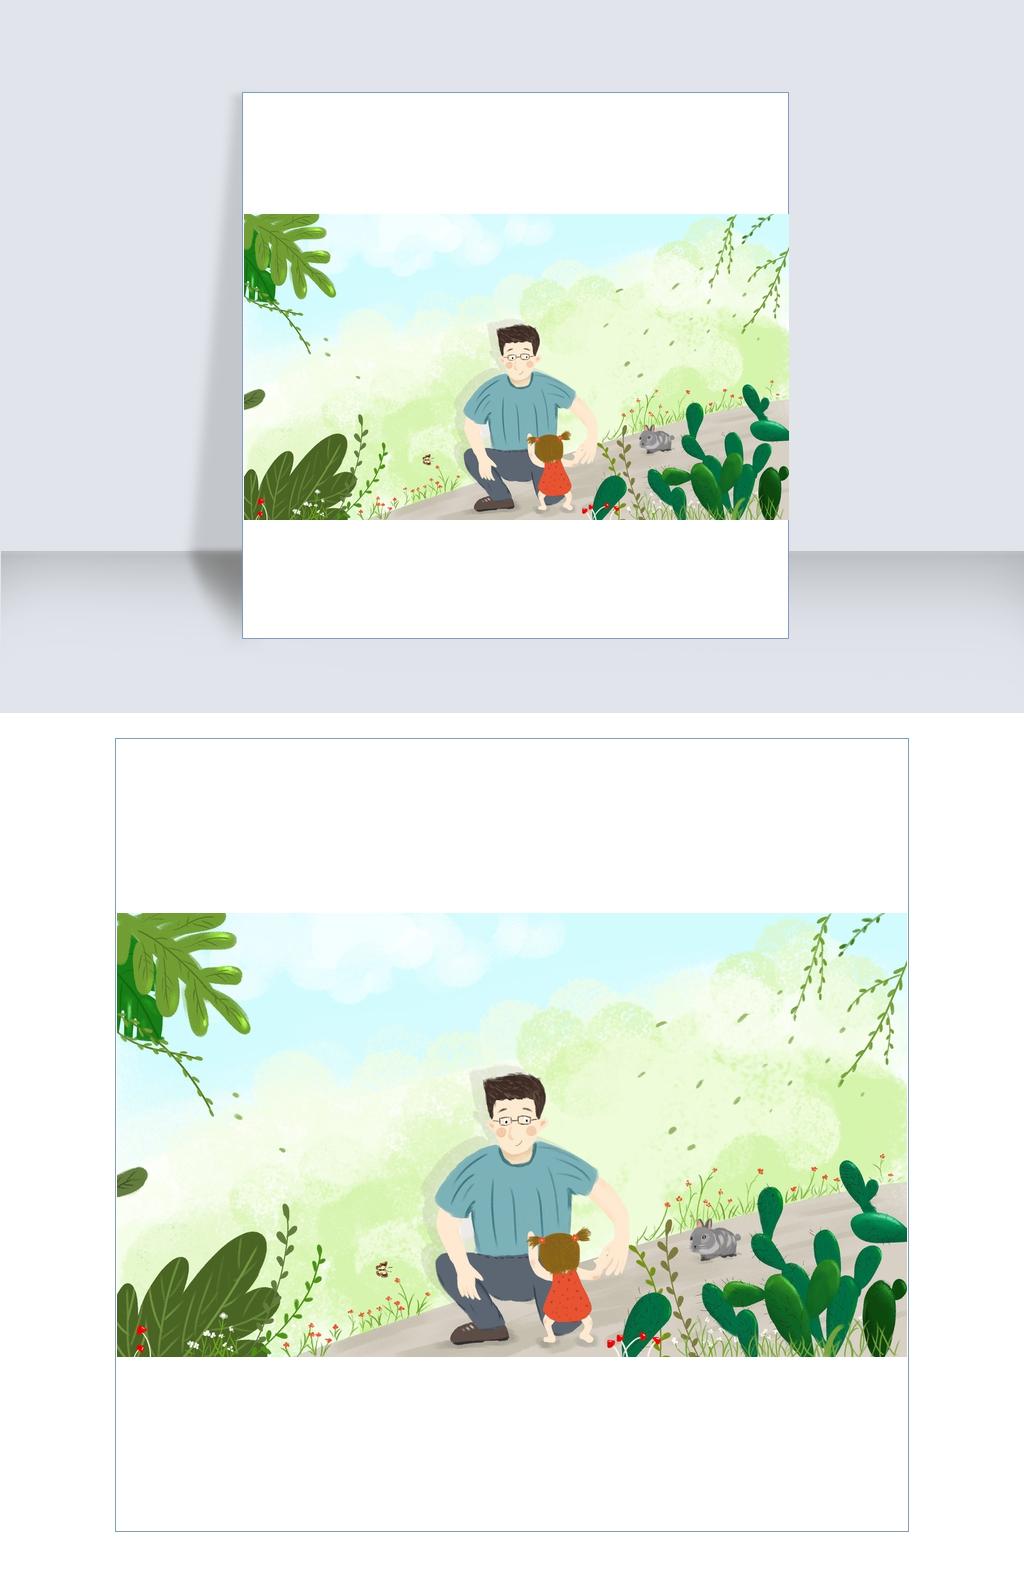 父亲节小清新治愈系插画纯手绘图片素材 PSB格式 下载 其他大全